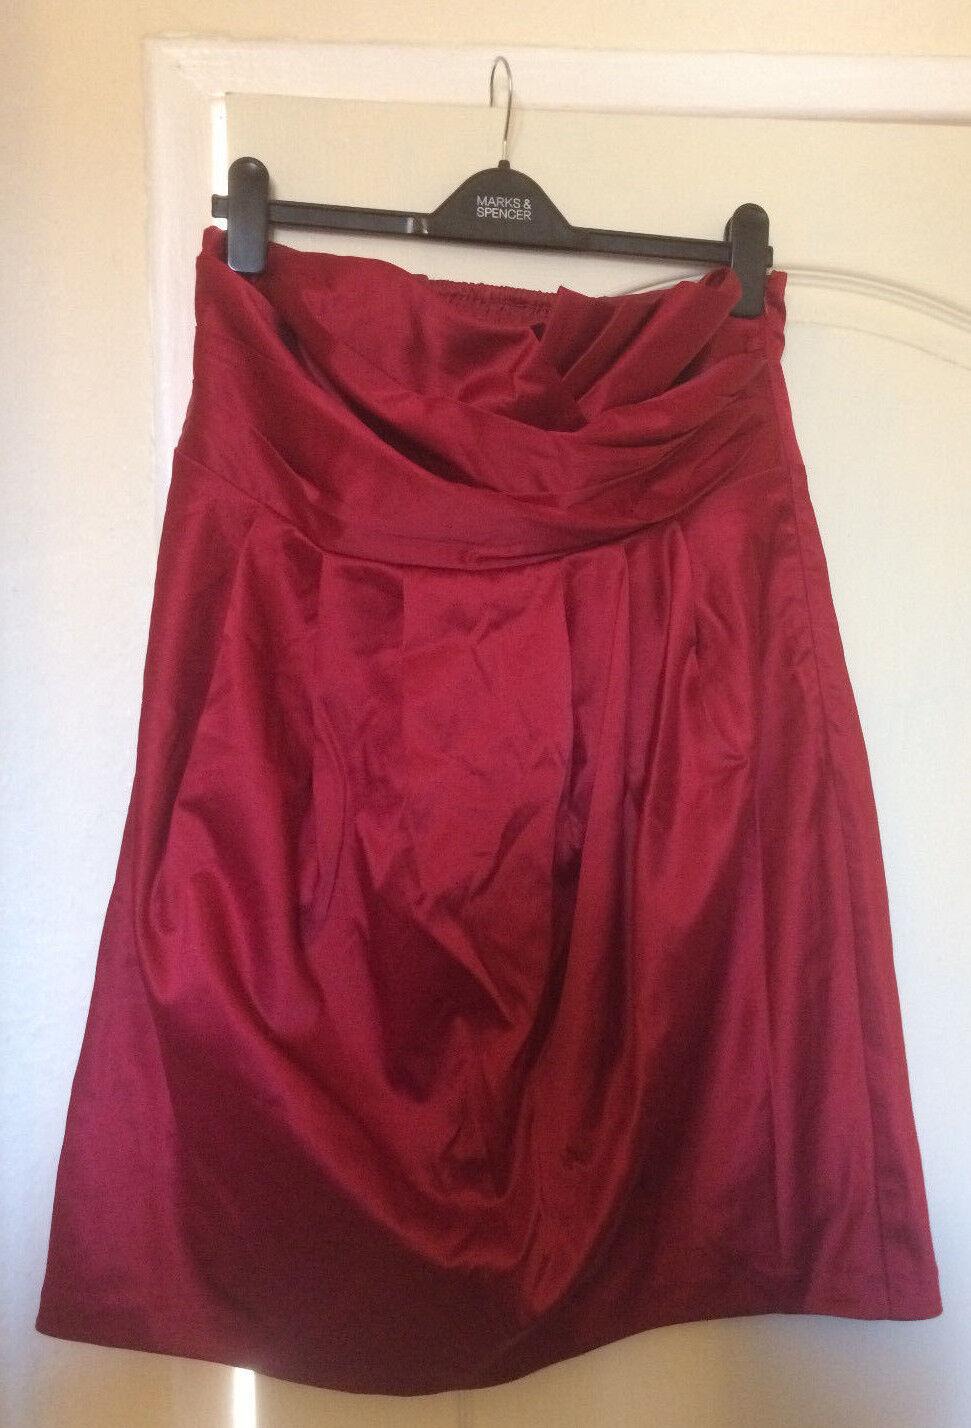 Brand New Layered ruching Wine red Prom wedding bridesmaid dress New Look Siz 18